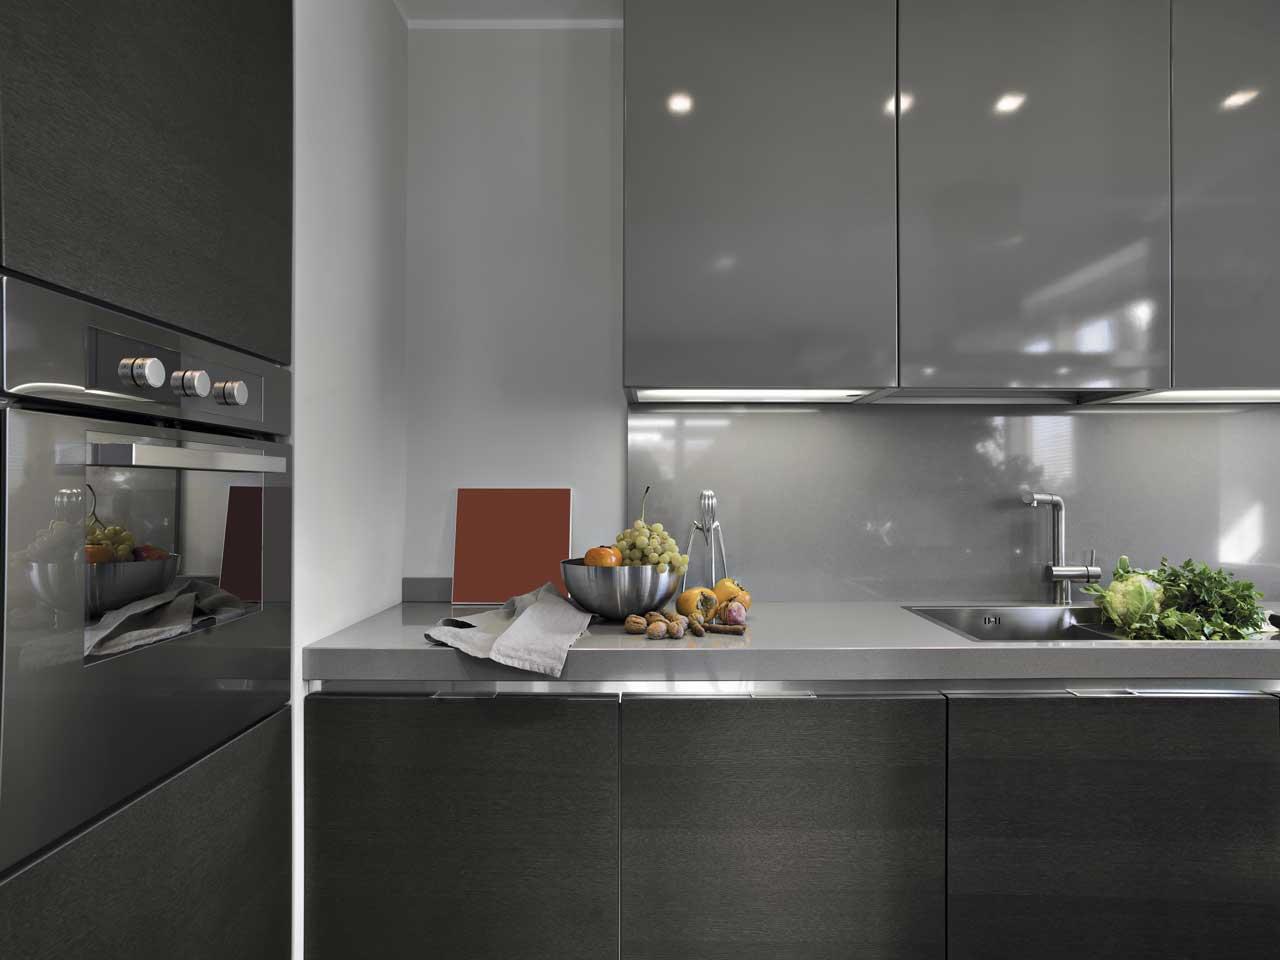 מטבחים מעץ חברות לעיצוב וייצור שיש למטבחים מנוסים עם הרבה ניסיון ומומחים להקמת אי במטבח מכל חומר תוך כדי שימוש בחומרים מעולים